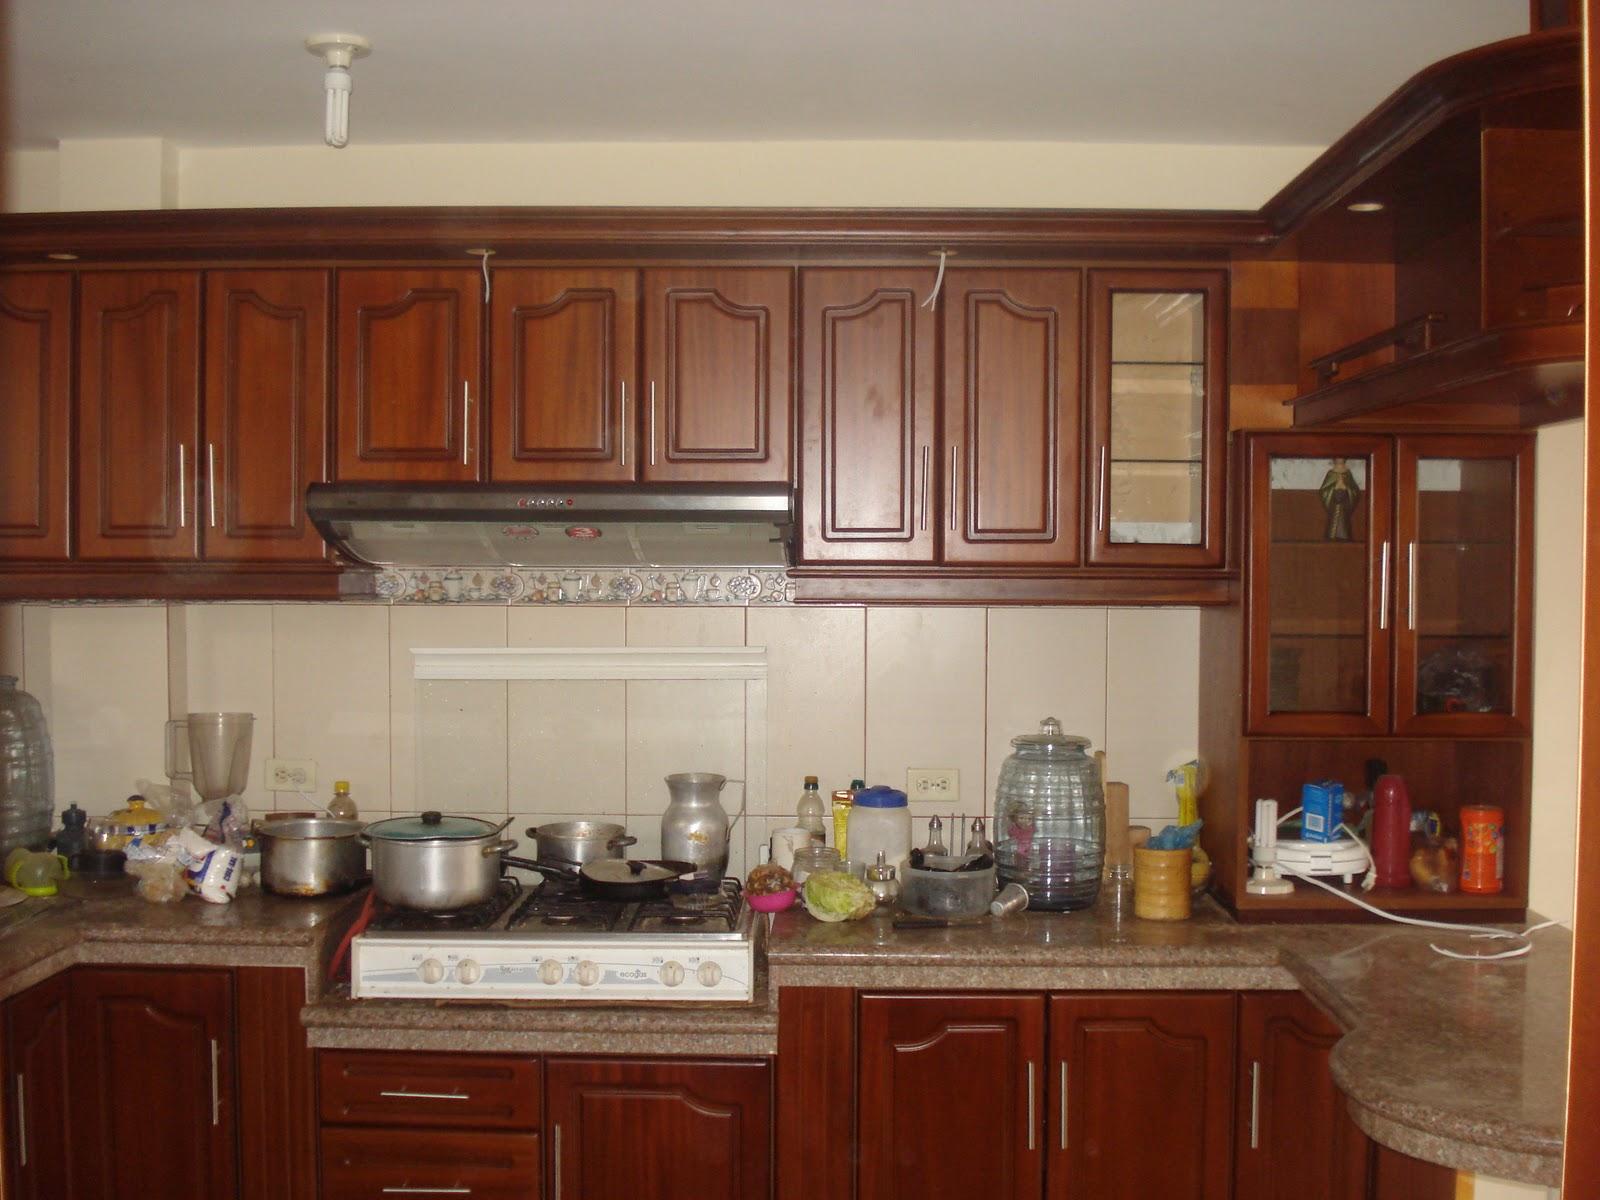 Best Molduras Para Muebles De Cocina Gallery - Casa & Diseño Ideas ...